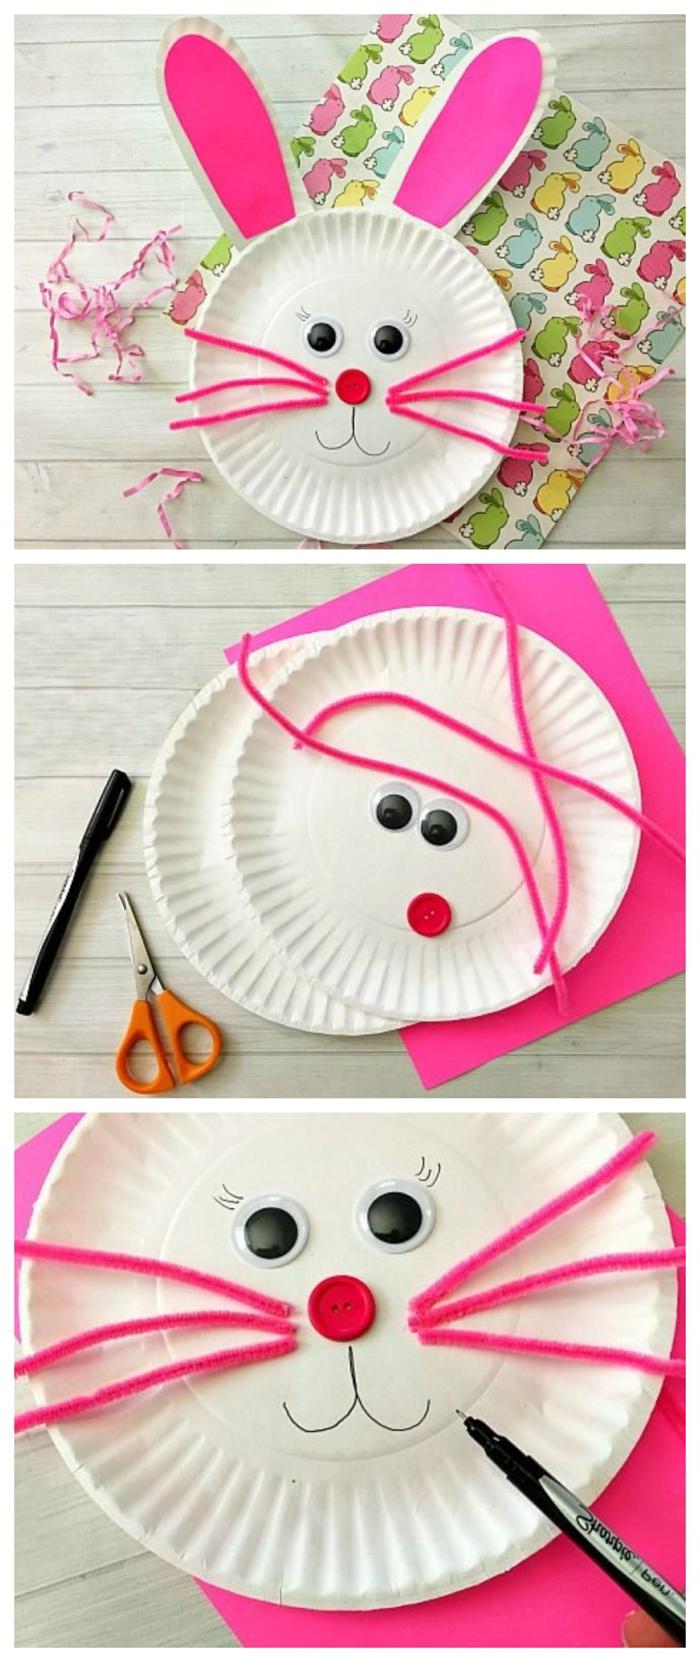 weiße Pappteller Hase basteln mit pinken Ohren und Nase aus einem Knopf, DIY Anleitung